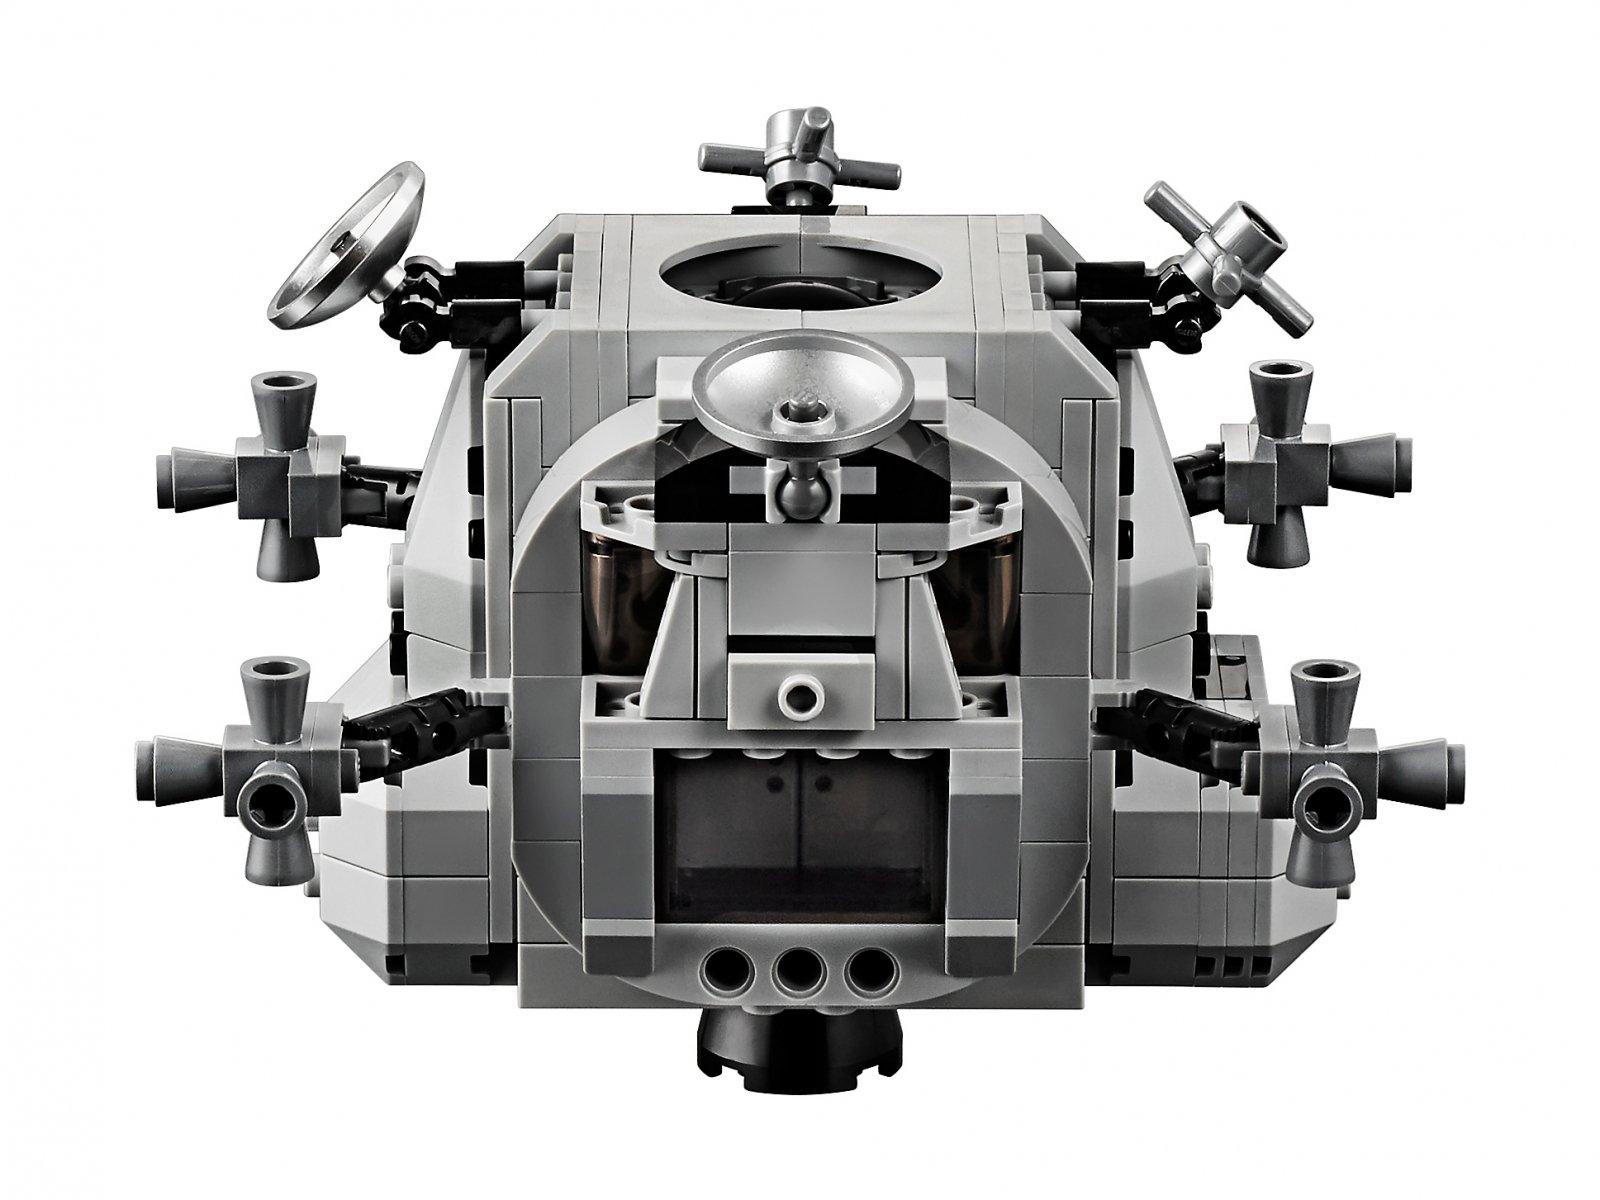 LEGO 10266 Lądownik księżycowy Apollo 11 NASA